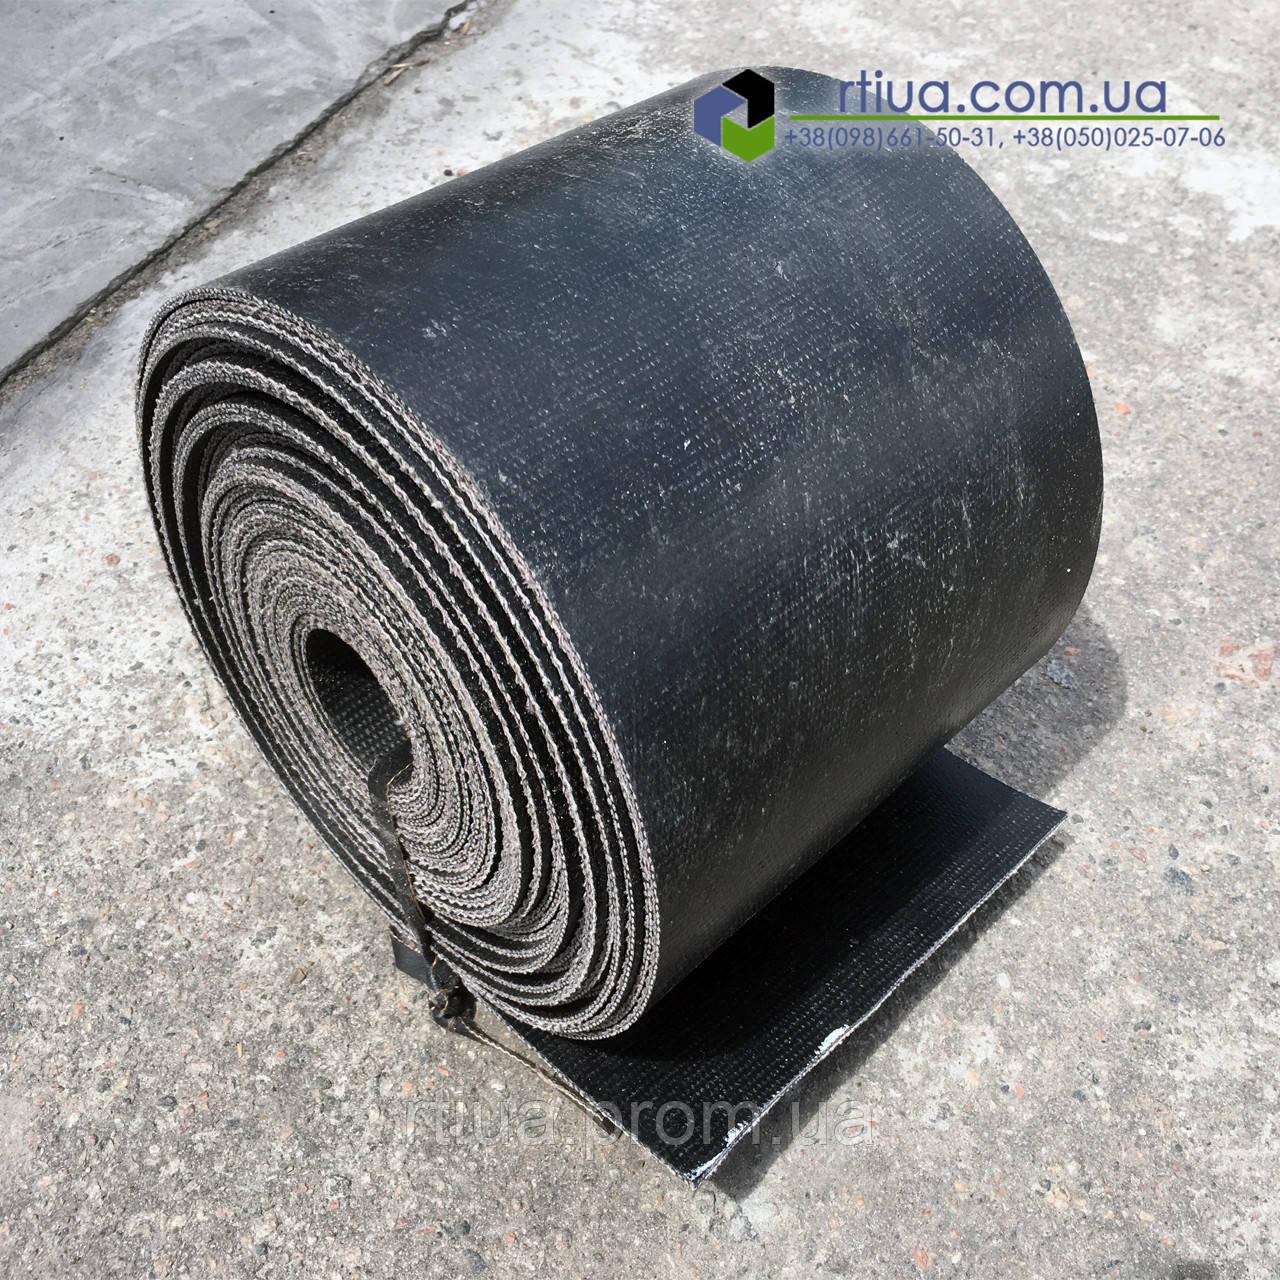 Транспортерная лента БКНЛ, 400х3 - 3/1 (7 мм)